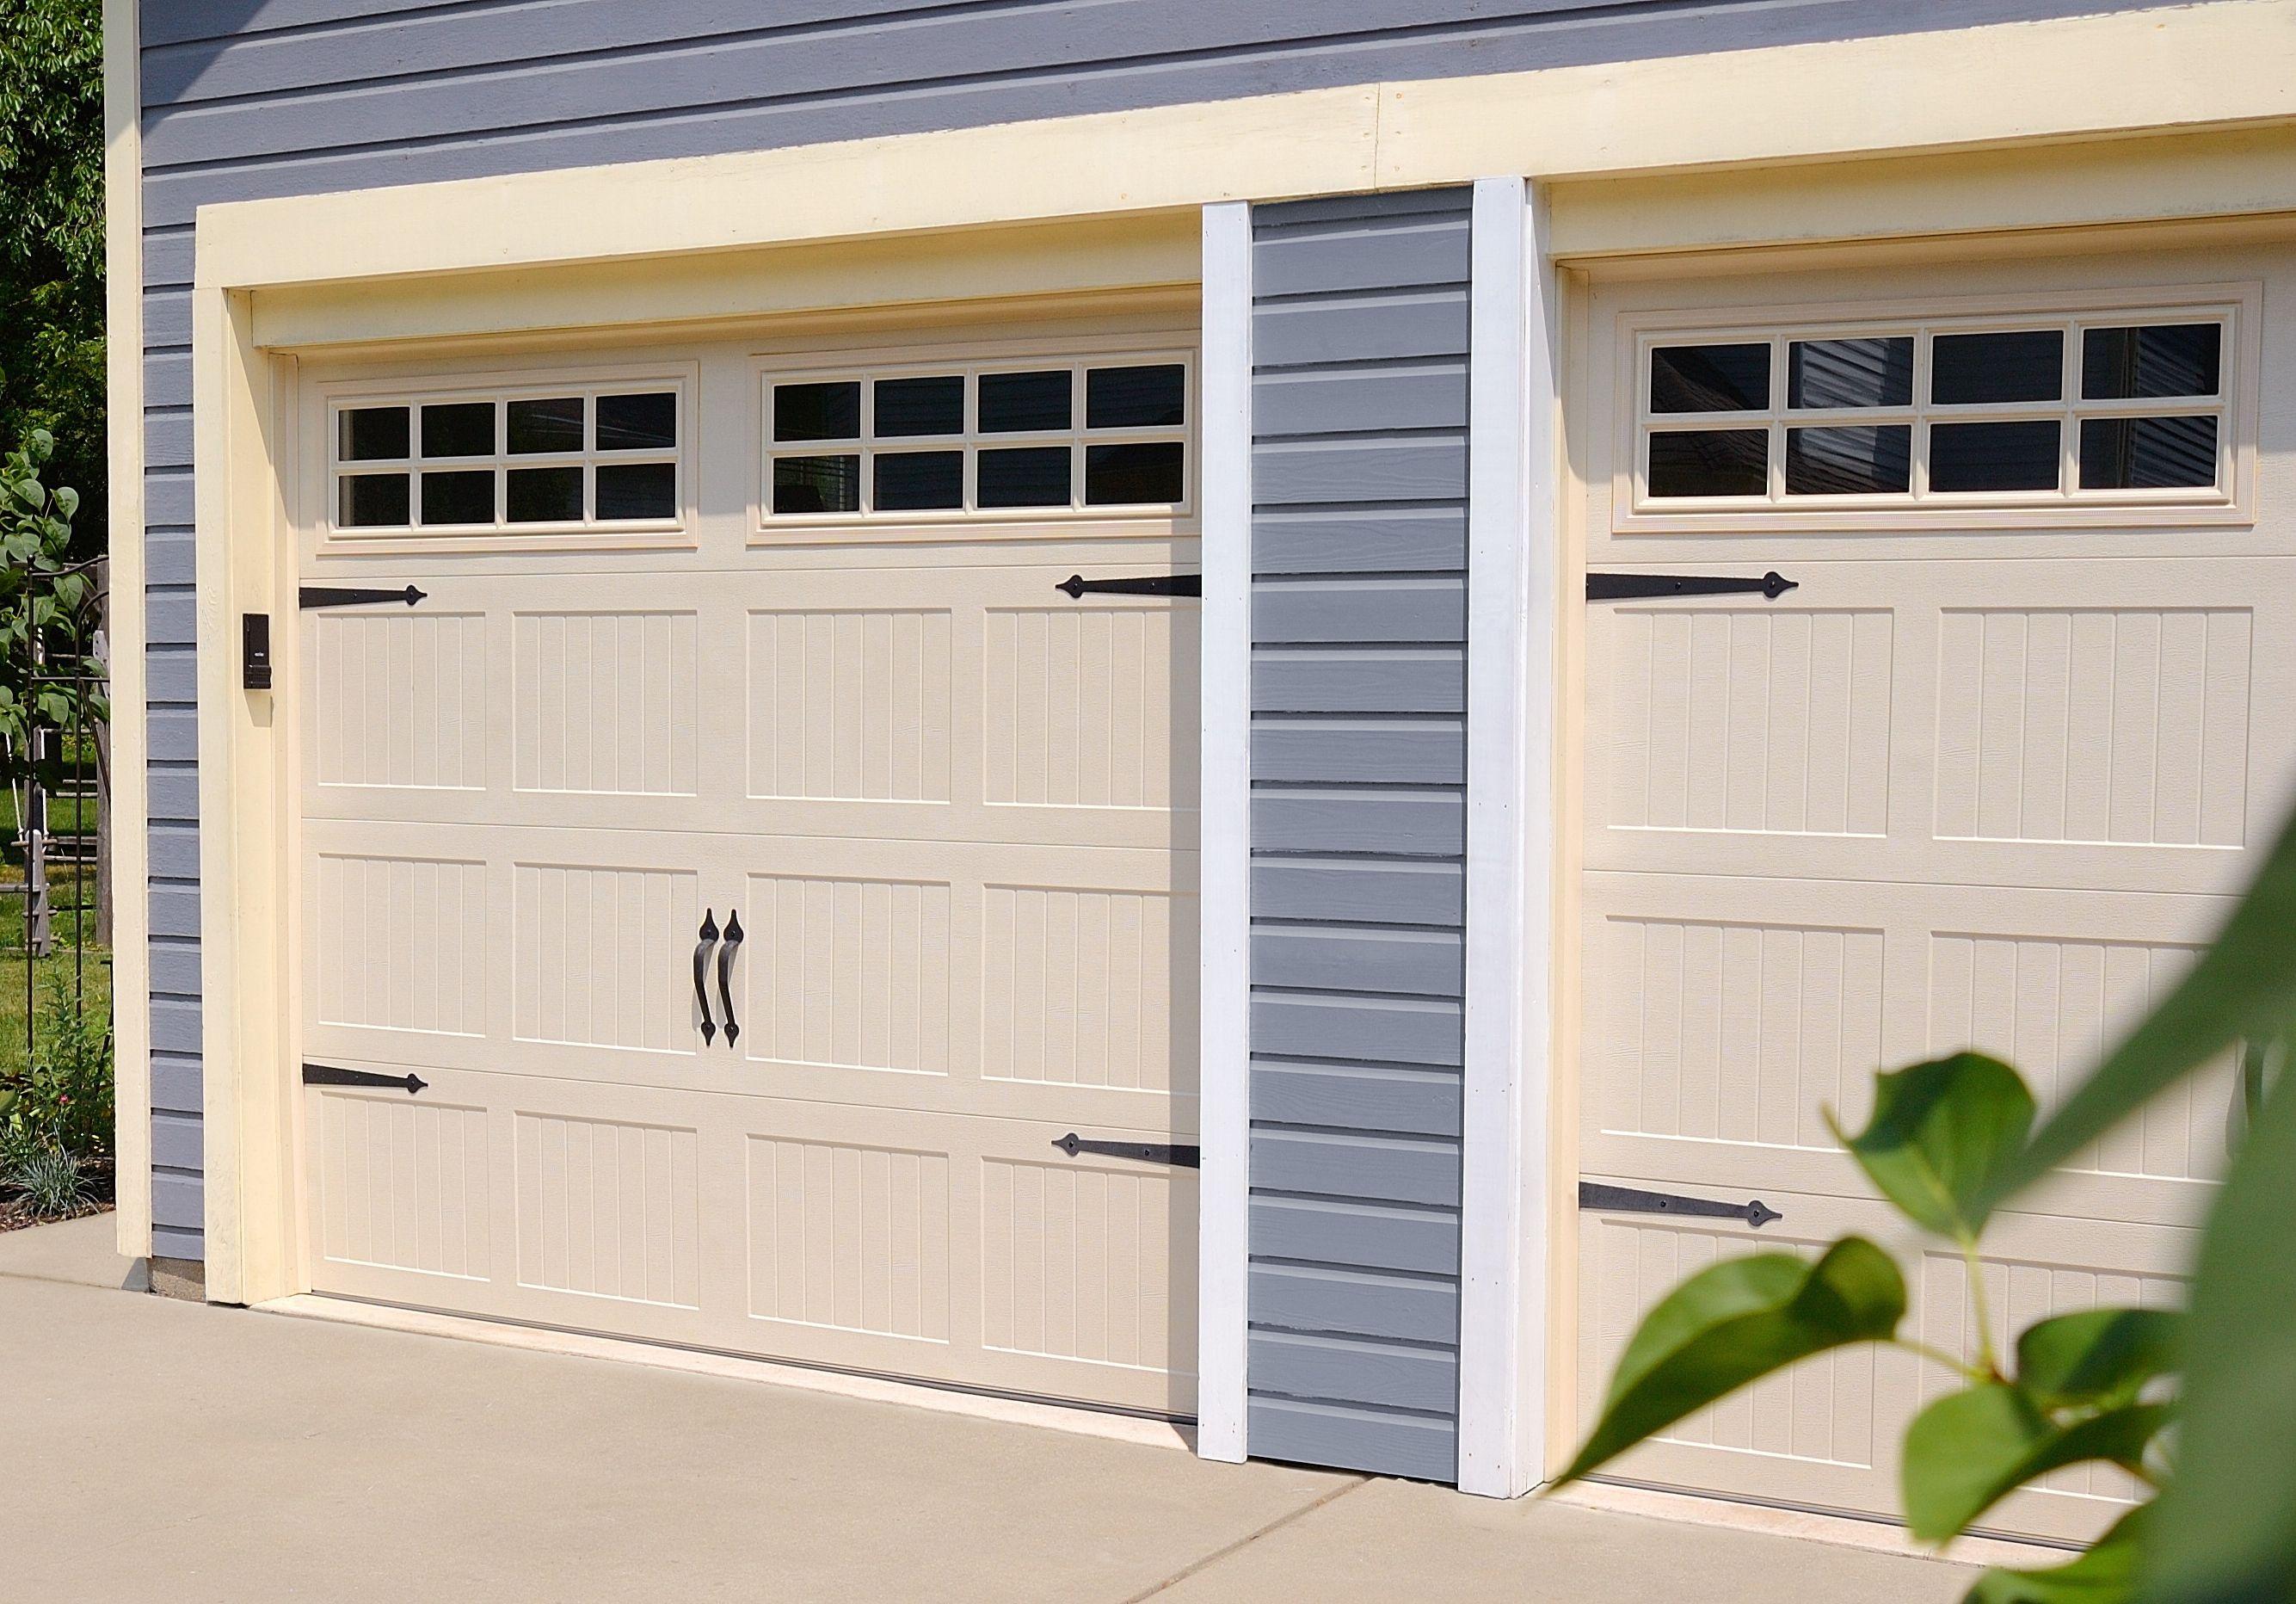 Atlanta Garage Door Repair Johns Creek Door Opener Installation Affordable Garage Doors Carriage Garage Doors Garage Doors